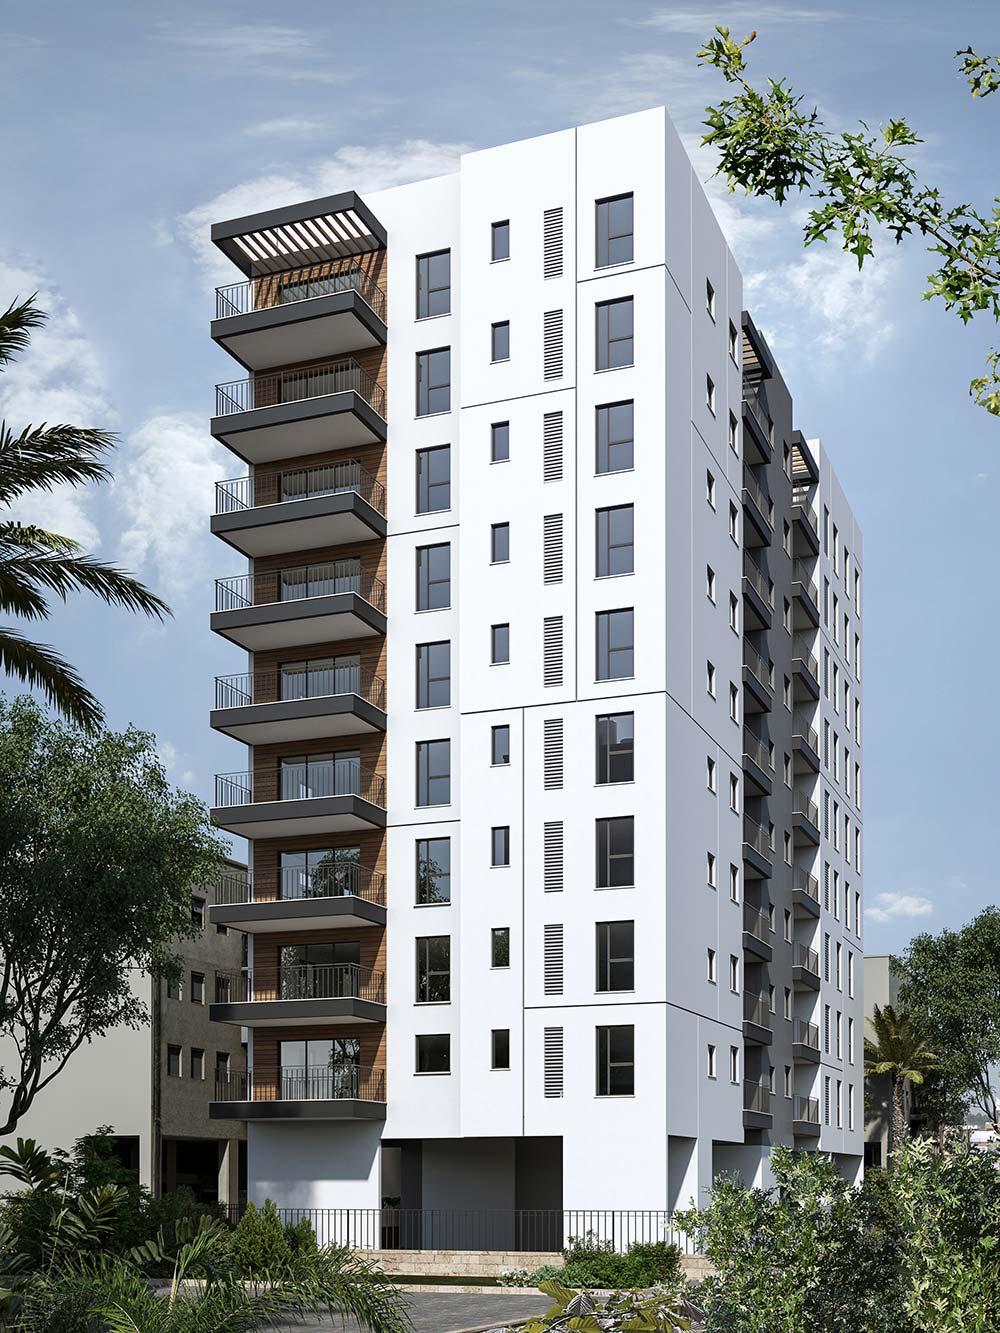 פרויקט הרב בלוי של קטה יזמות בניה והשקעות בו ייהרס בניין ישן בו מתגוררות כיום 11 משפחות ובמקומו ייבנה בניין חדש ומודרני בן 36 דירות חדשות.